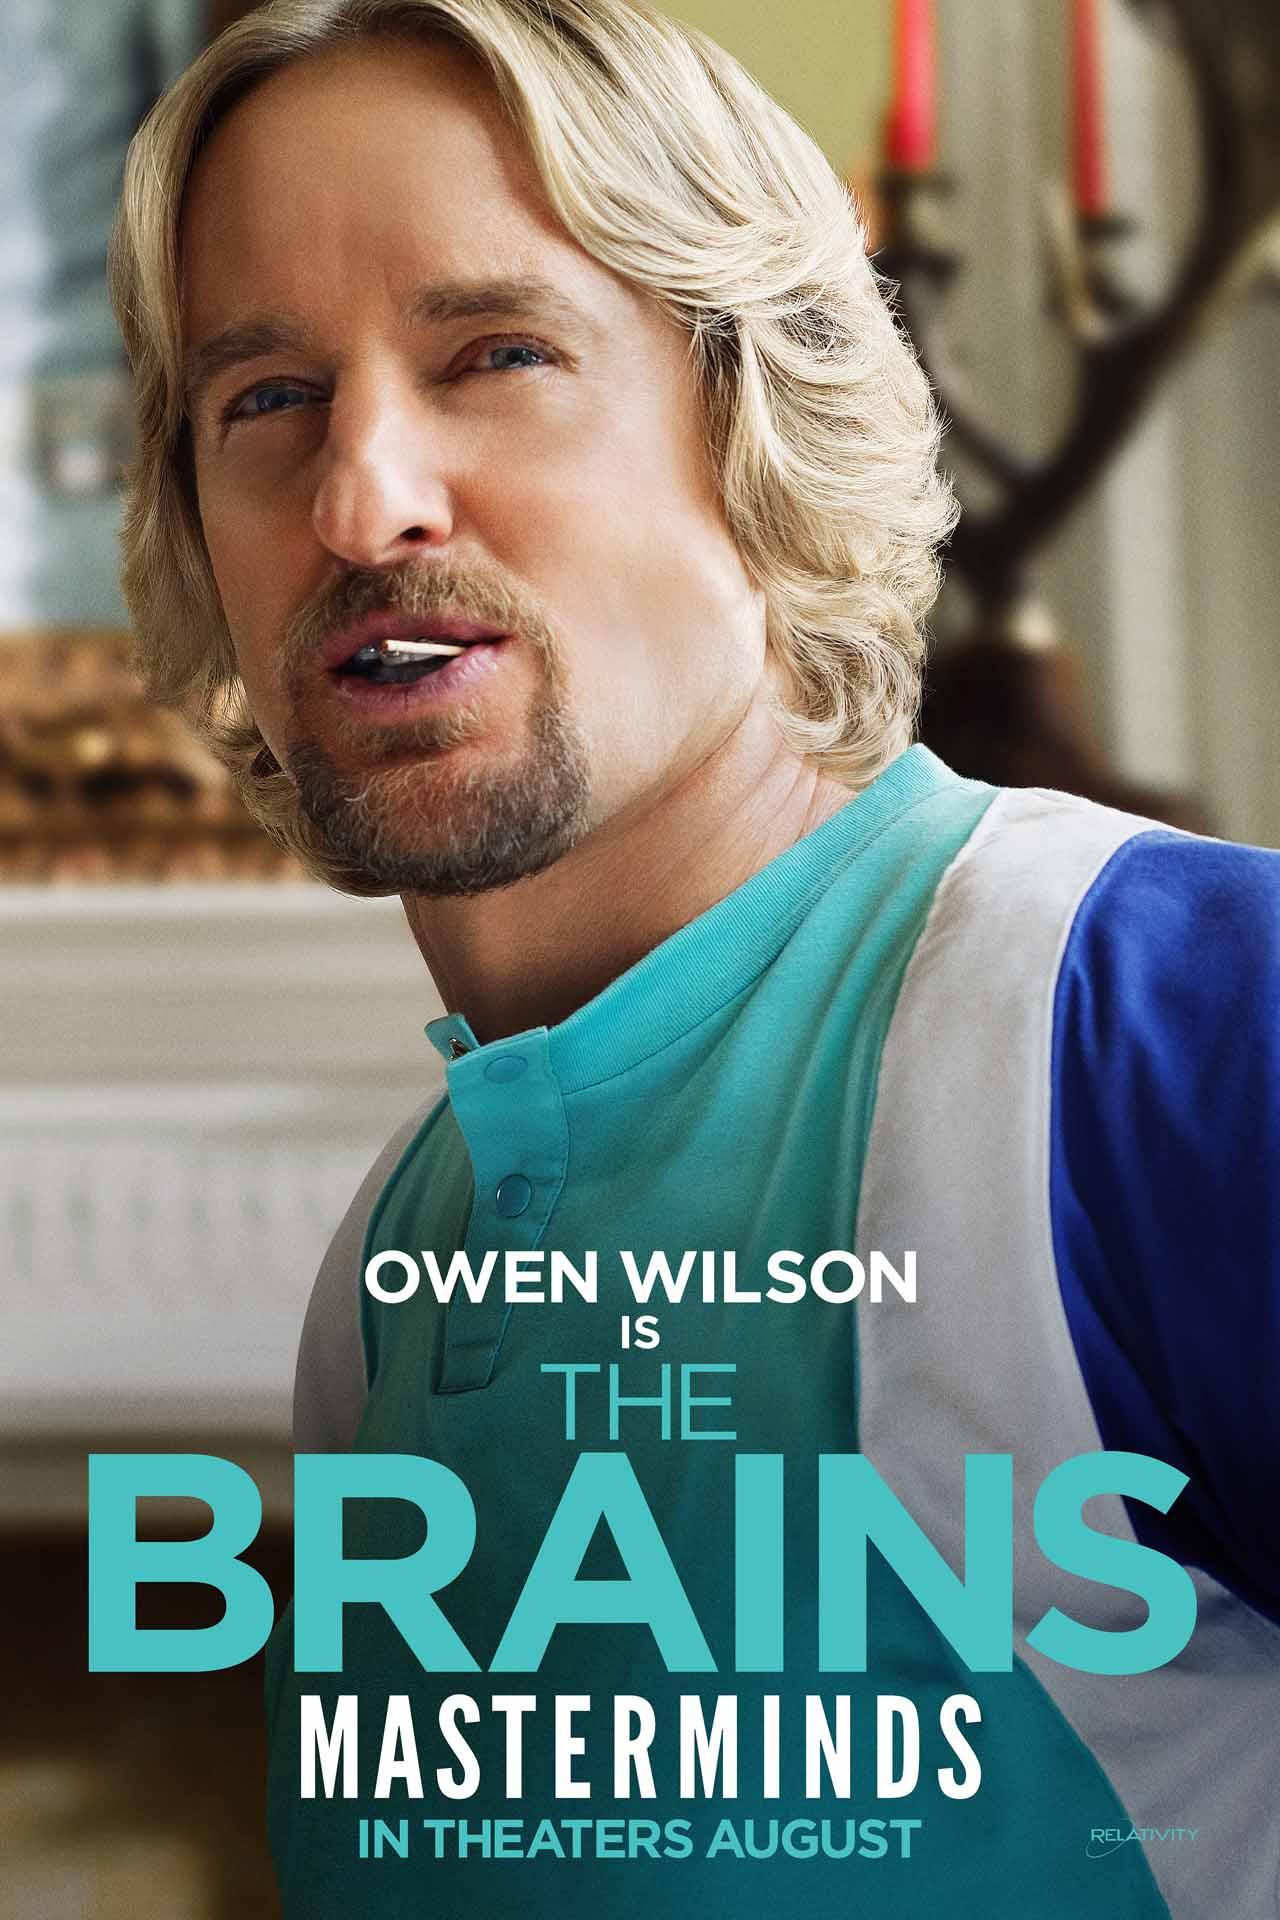 Masterminds Owen Wilson poster